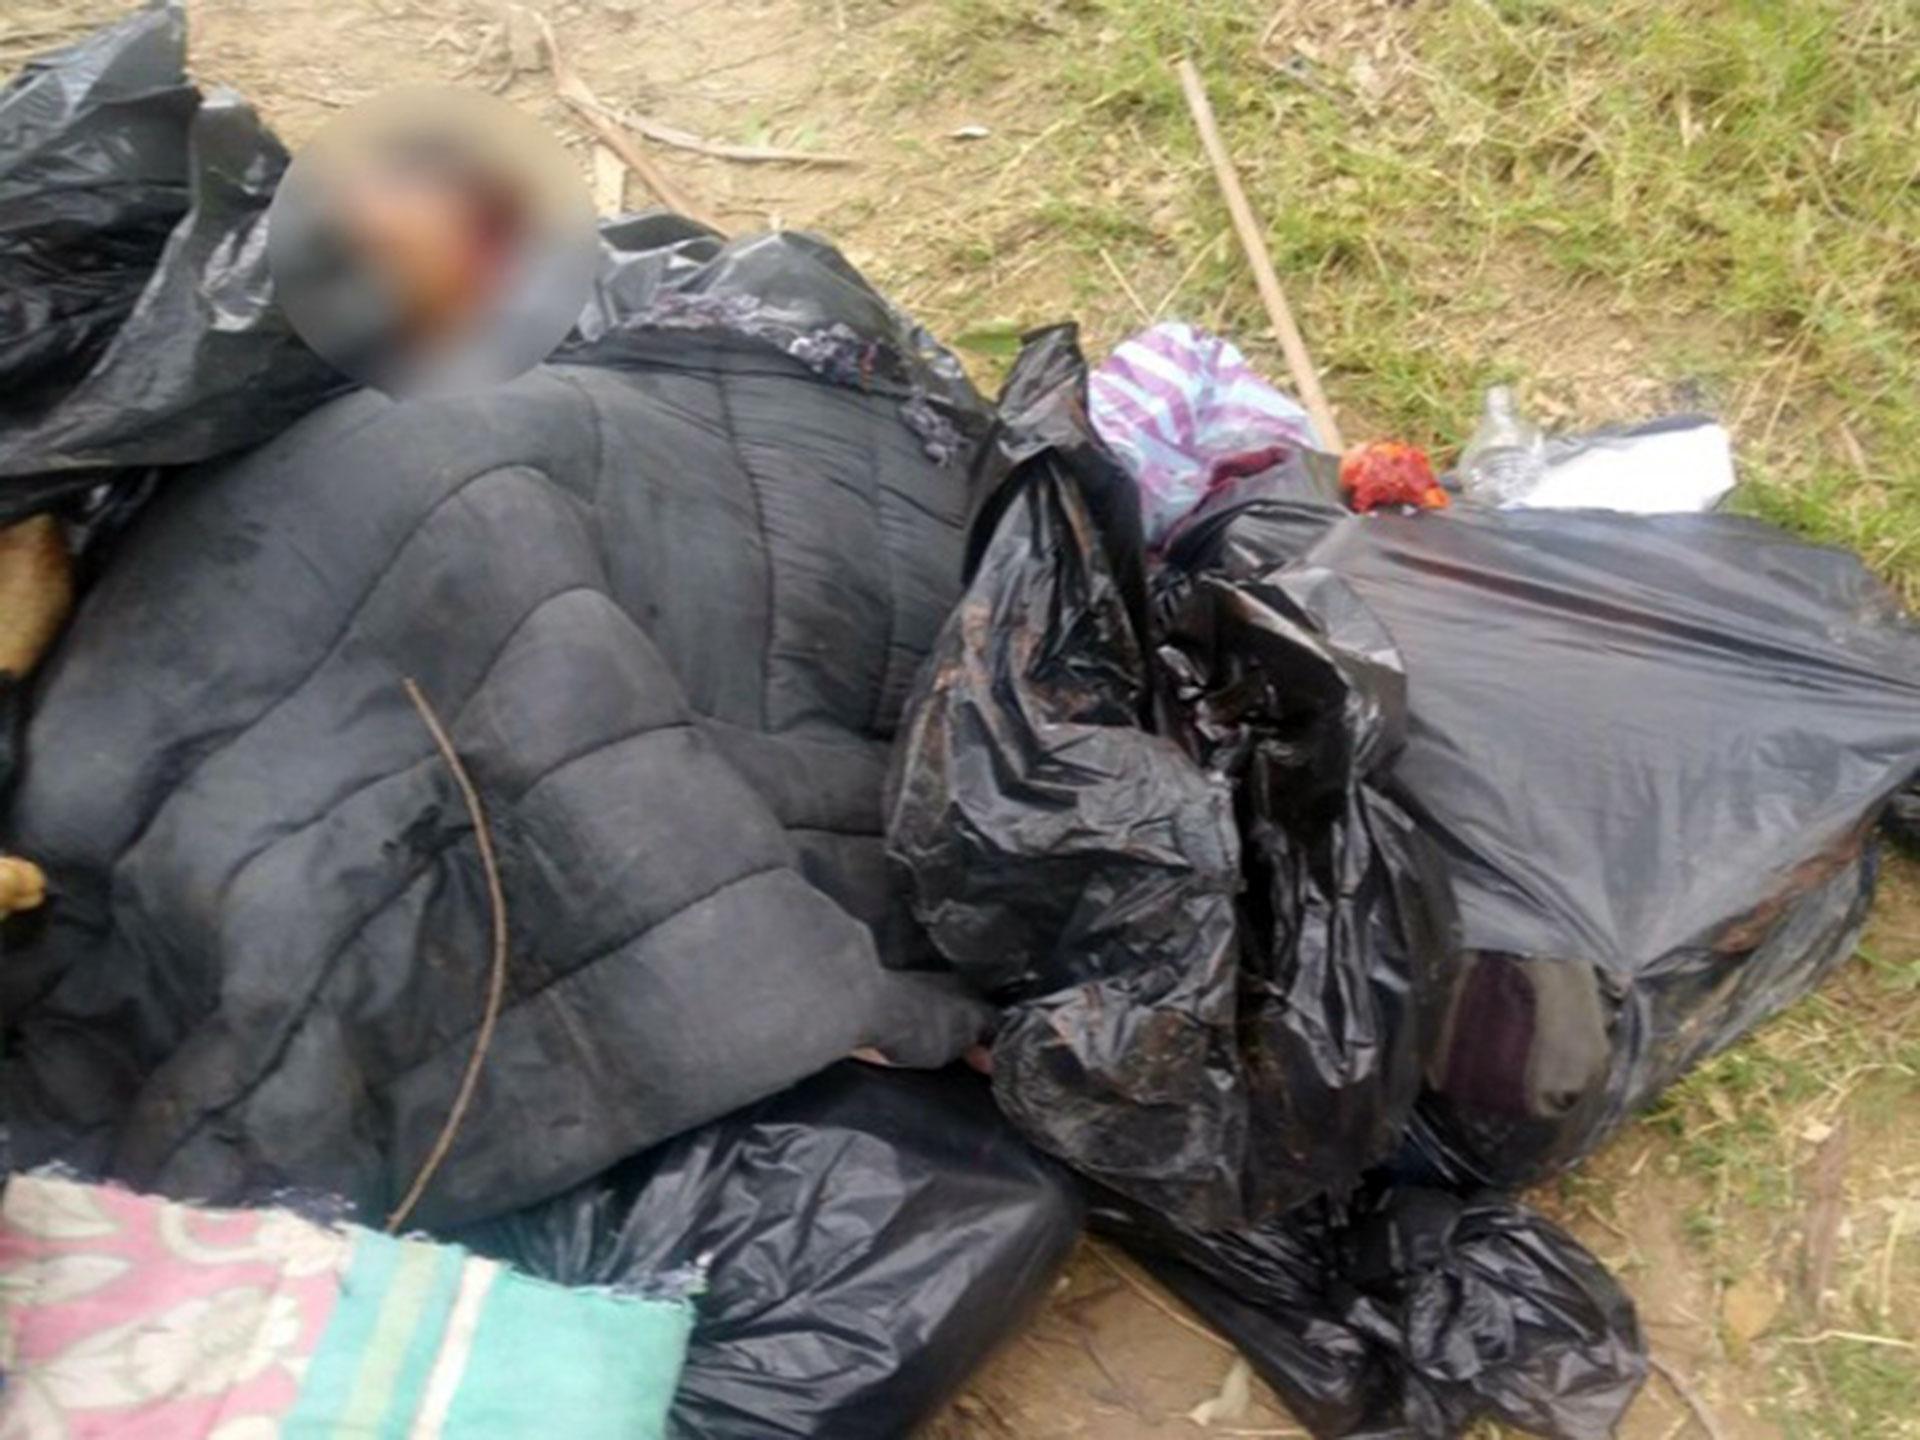 En el lugar había varias prendas de vestir, probablemente pertenecientes a las víctimas.